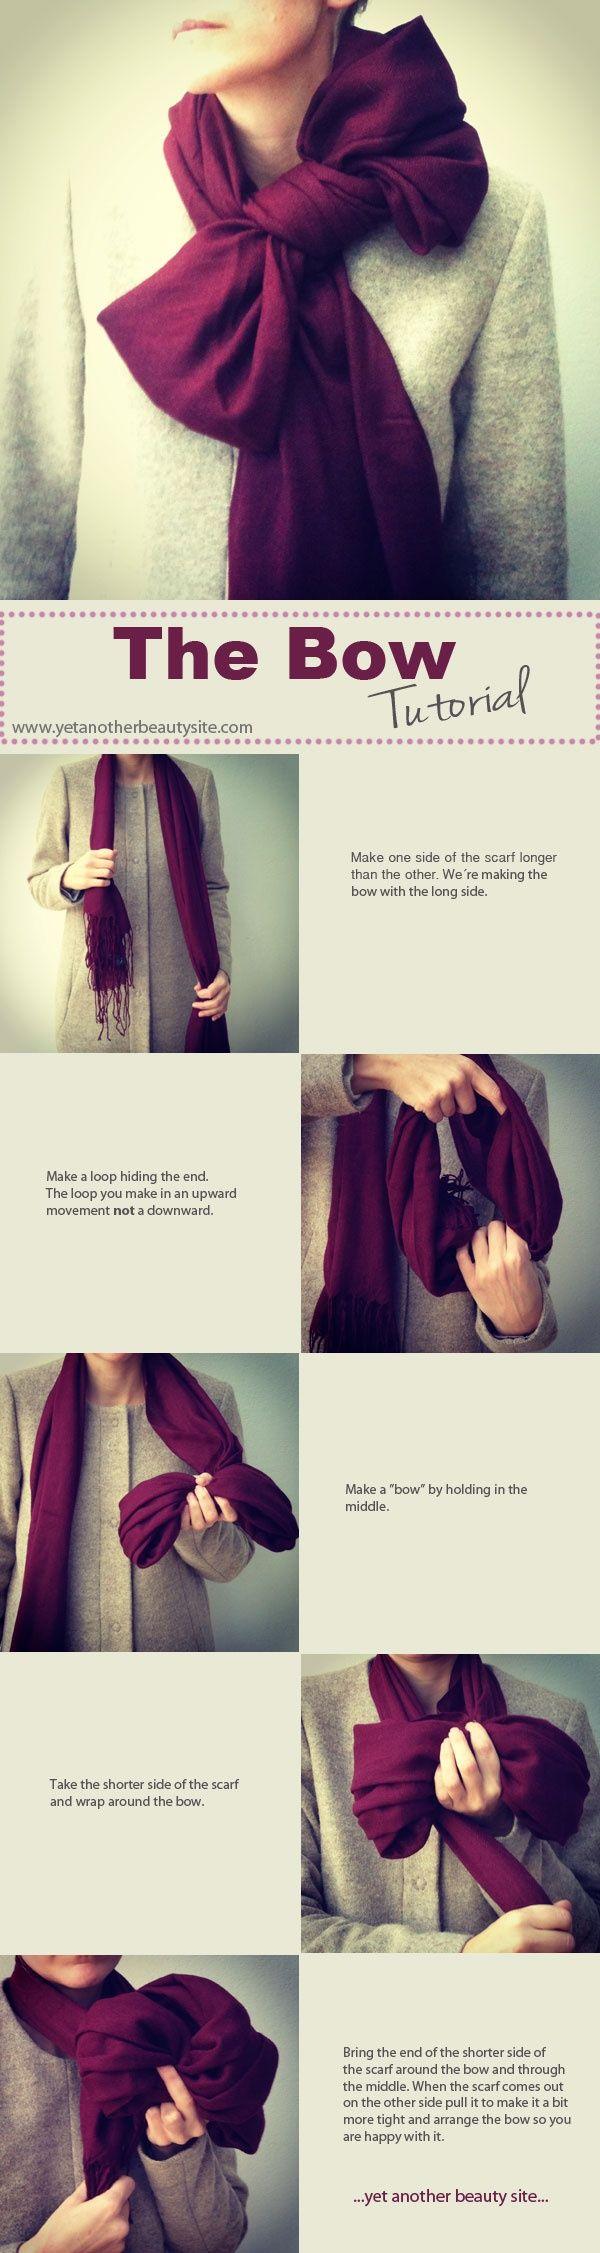 Bow scarf, cute!